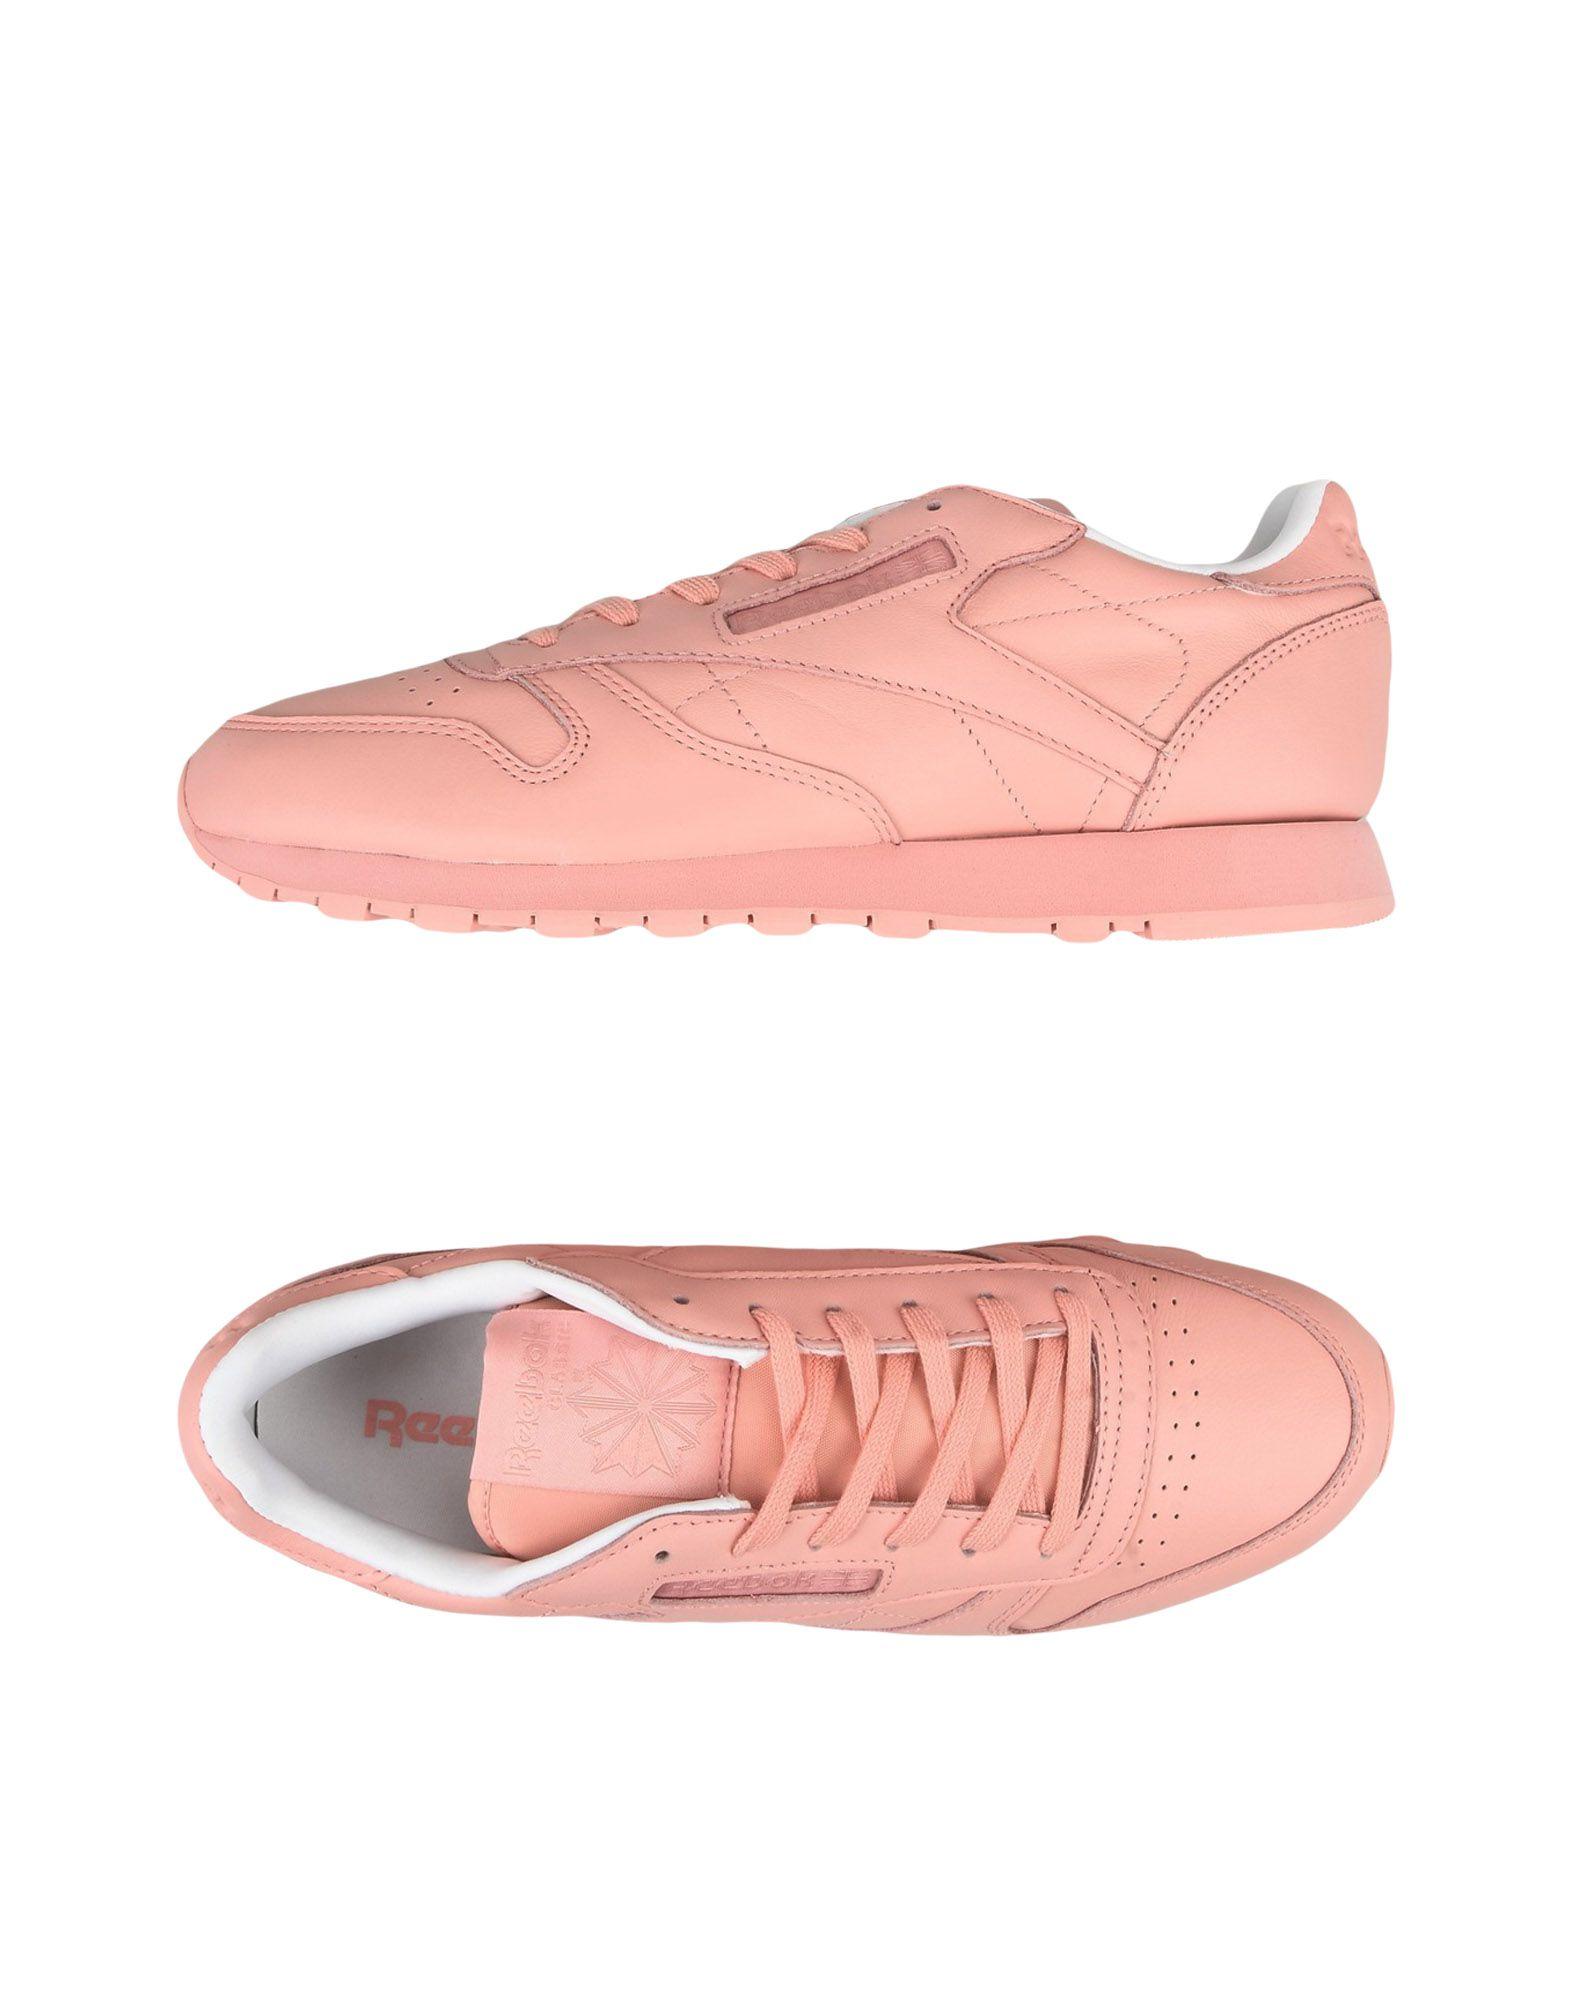 《送料無料》REEBOK レディース スニーカー&テニスシューズ(ローカット) ピンク 6 革 CL LTHR PASTELS